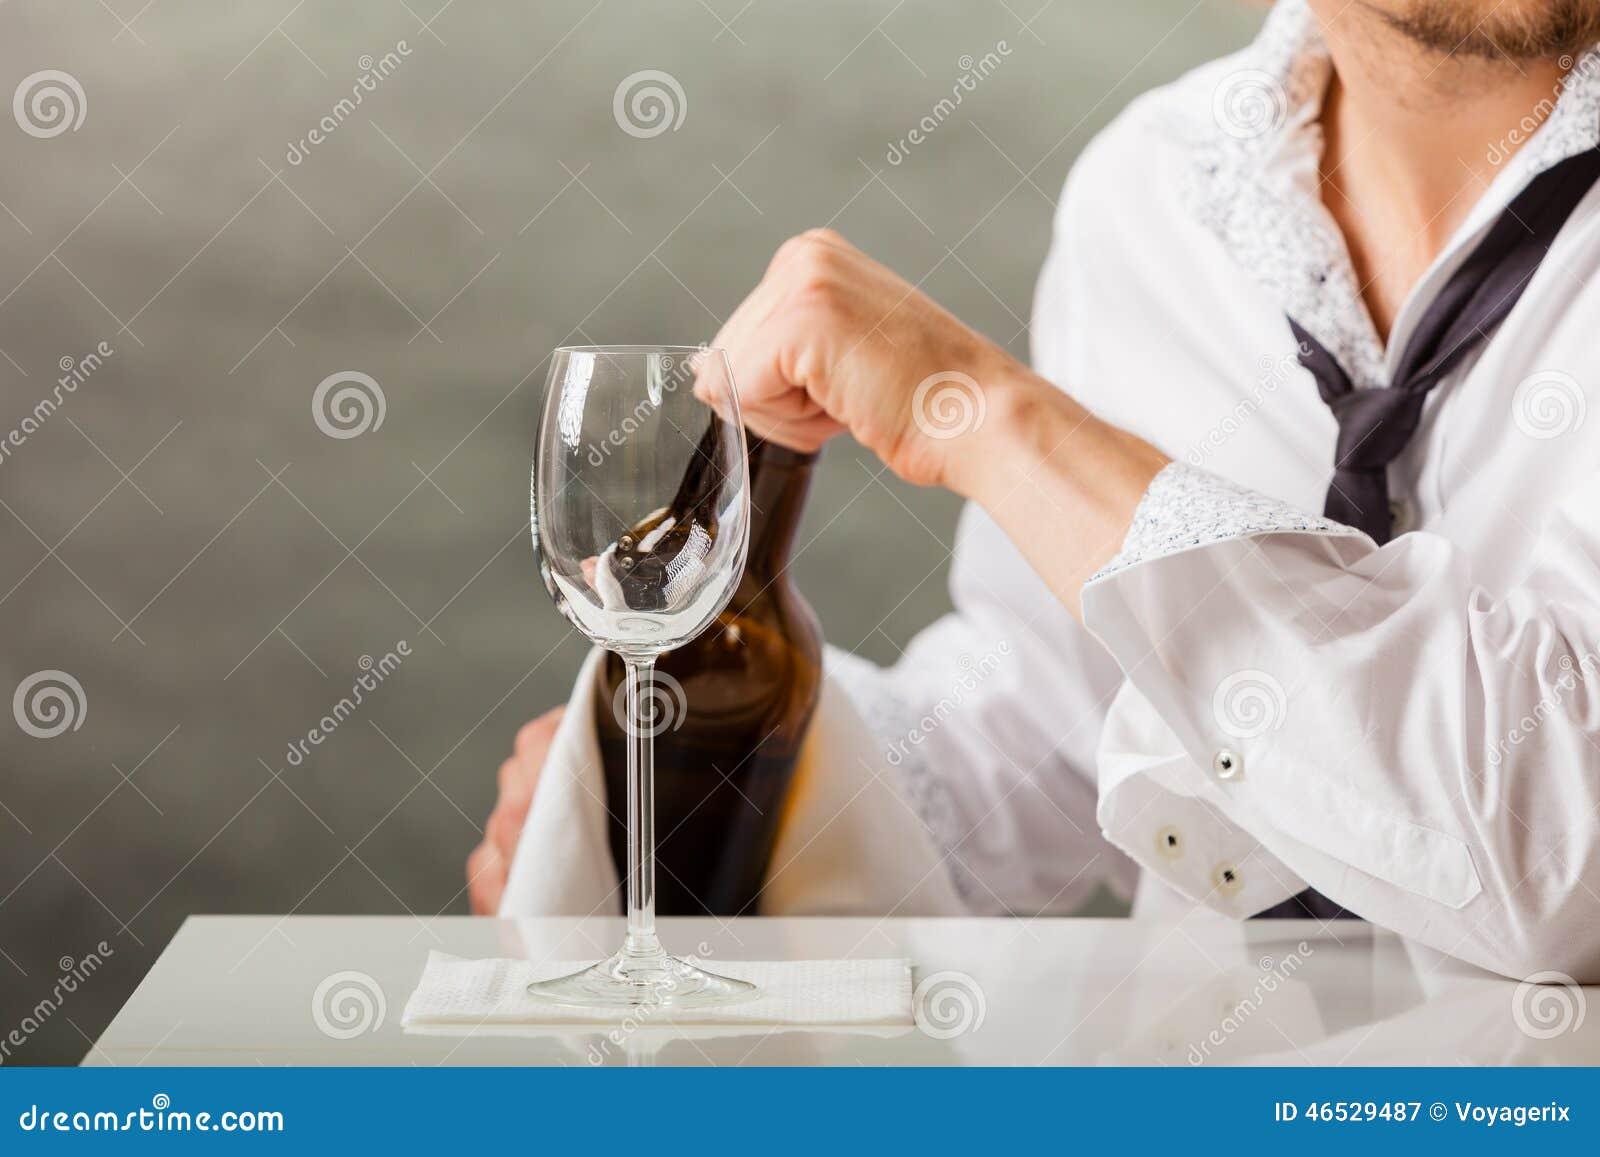 Equipe o vinho de derramamento do garçom no vidro